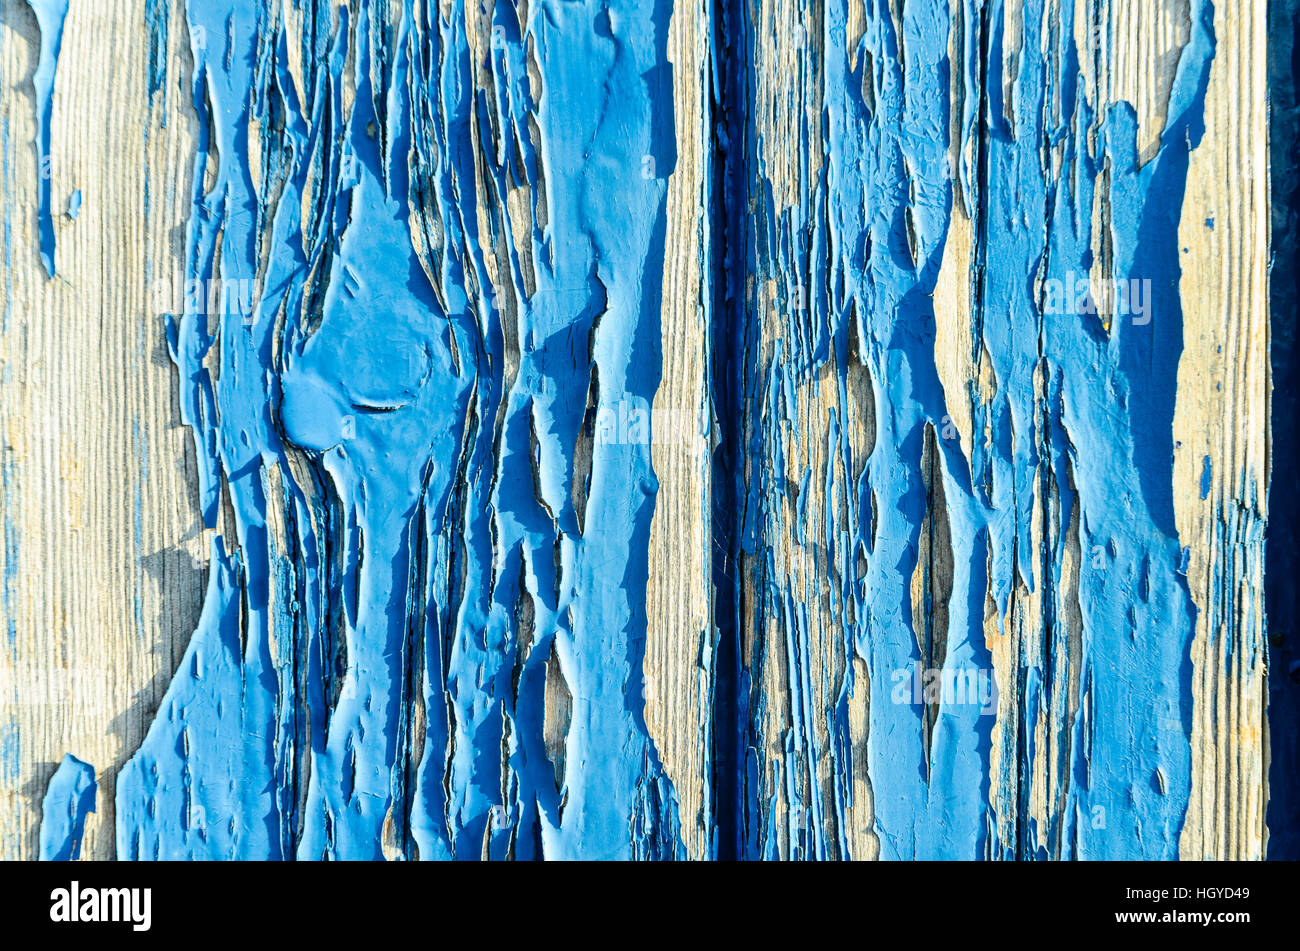 Hay pintura que pela en puerta de madera desgastada Imagen De Stock